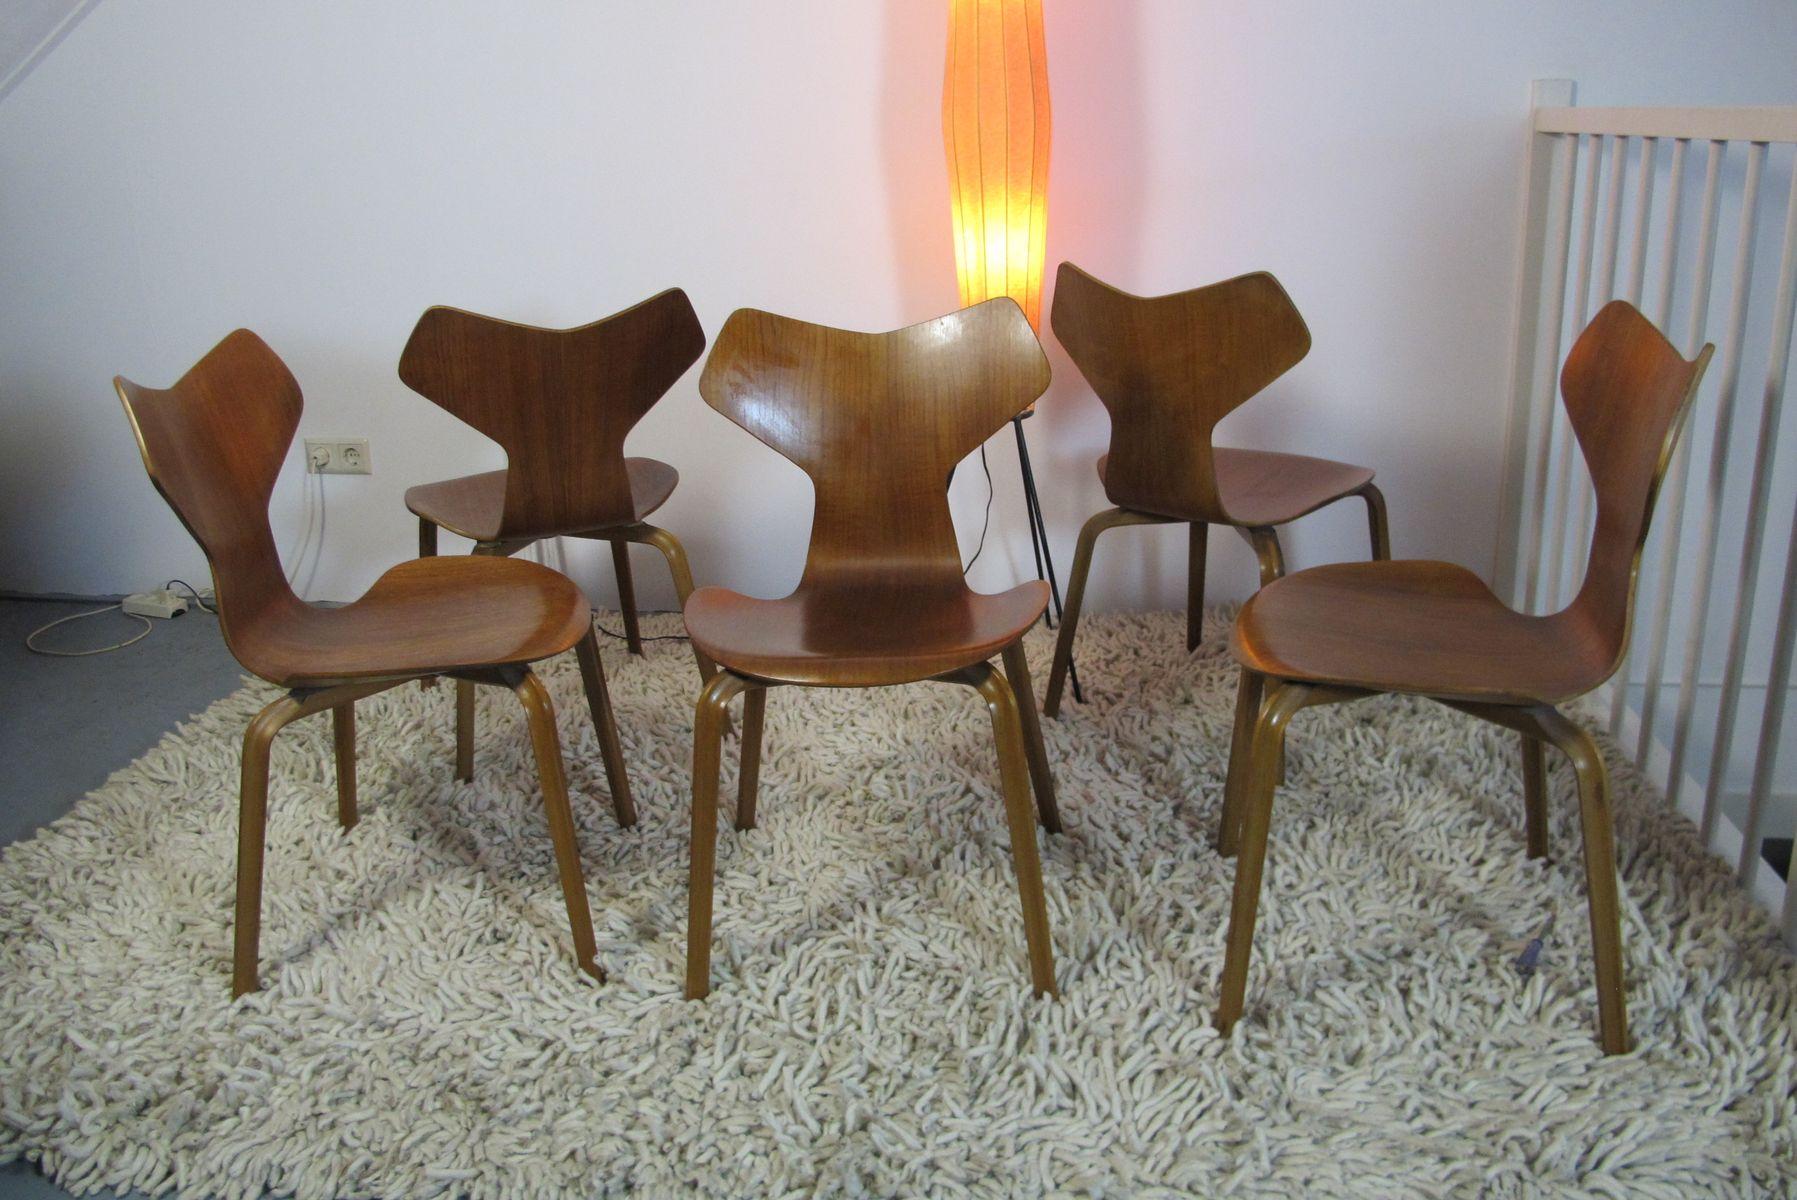 grand prix st hle von arne jacobsen f r fritz hansen 5er set bei pamono kaufen. Black Bedroom Furniture Sets. Home Design Ideas